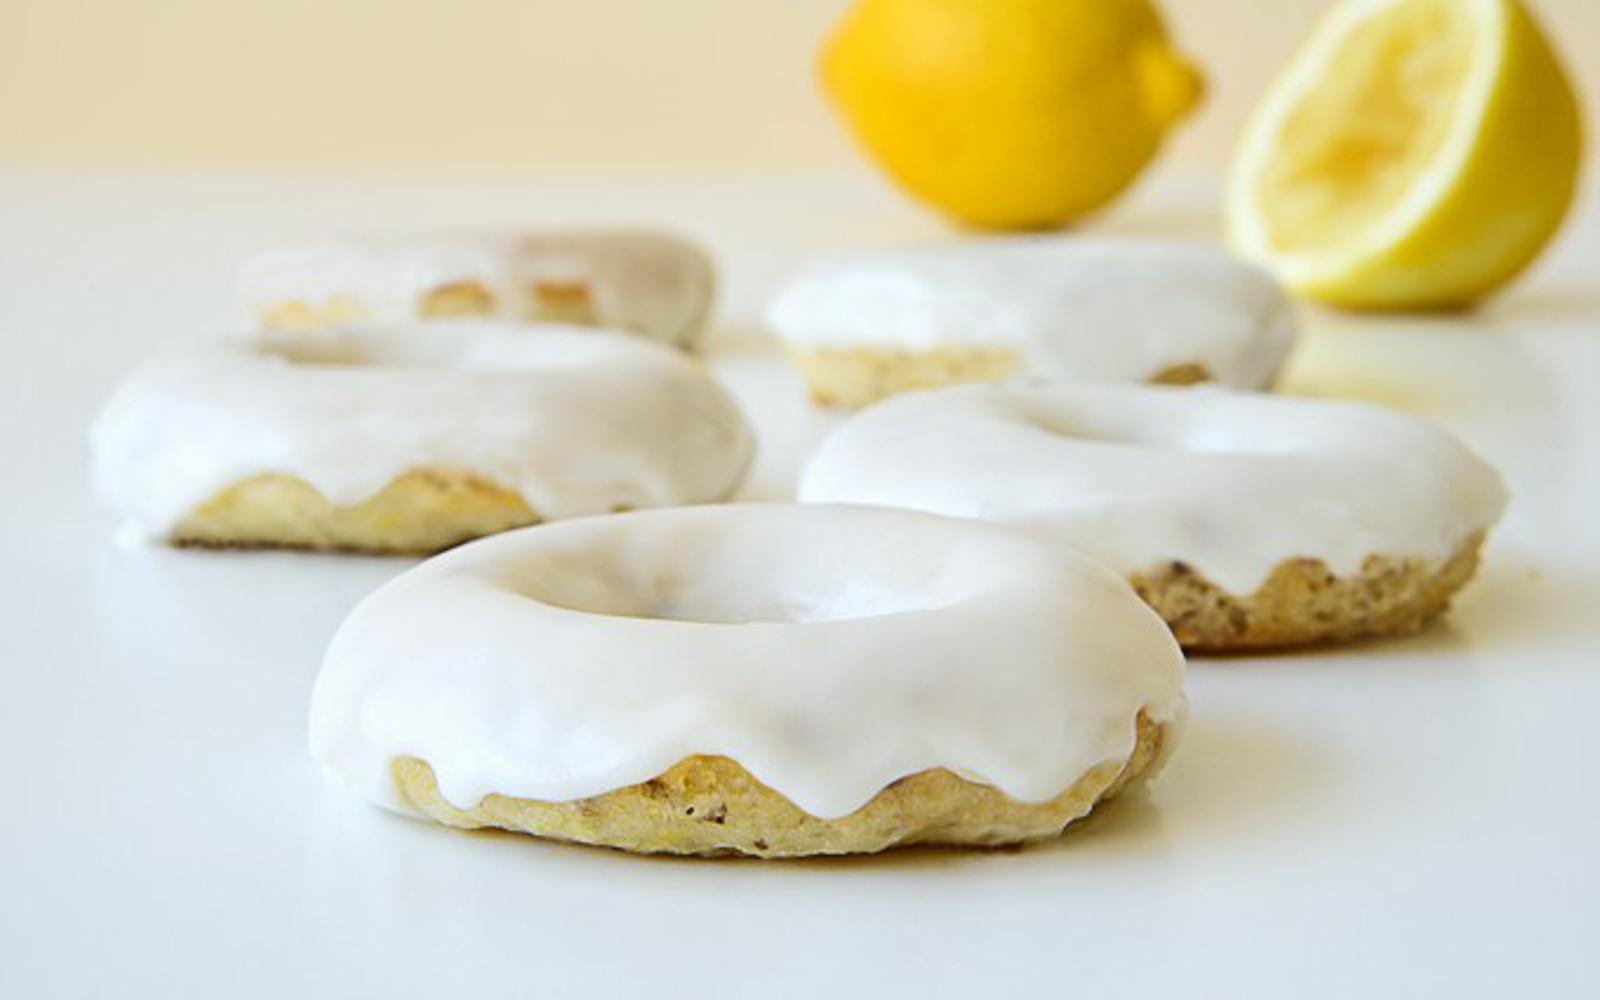 Vegan Lemon Baked Donuts with fresh lemons